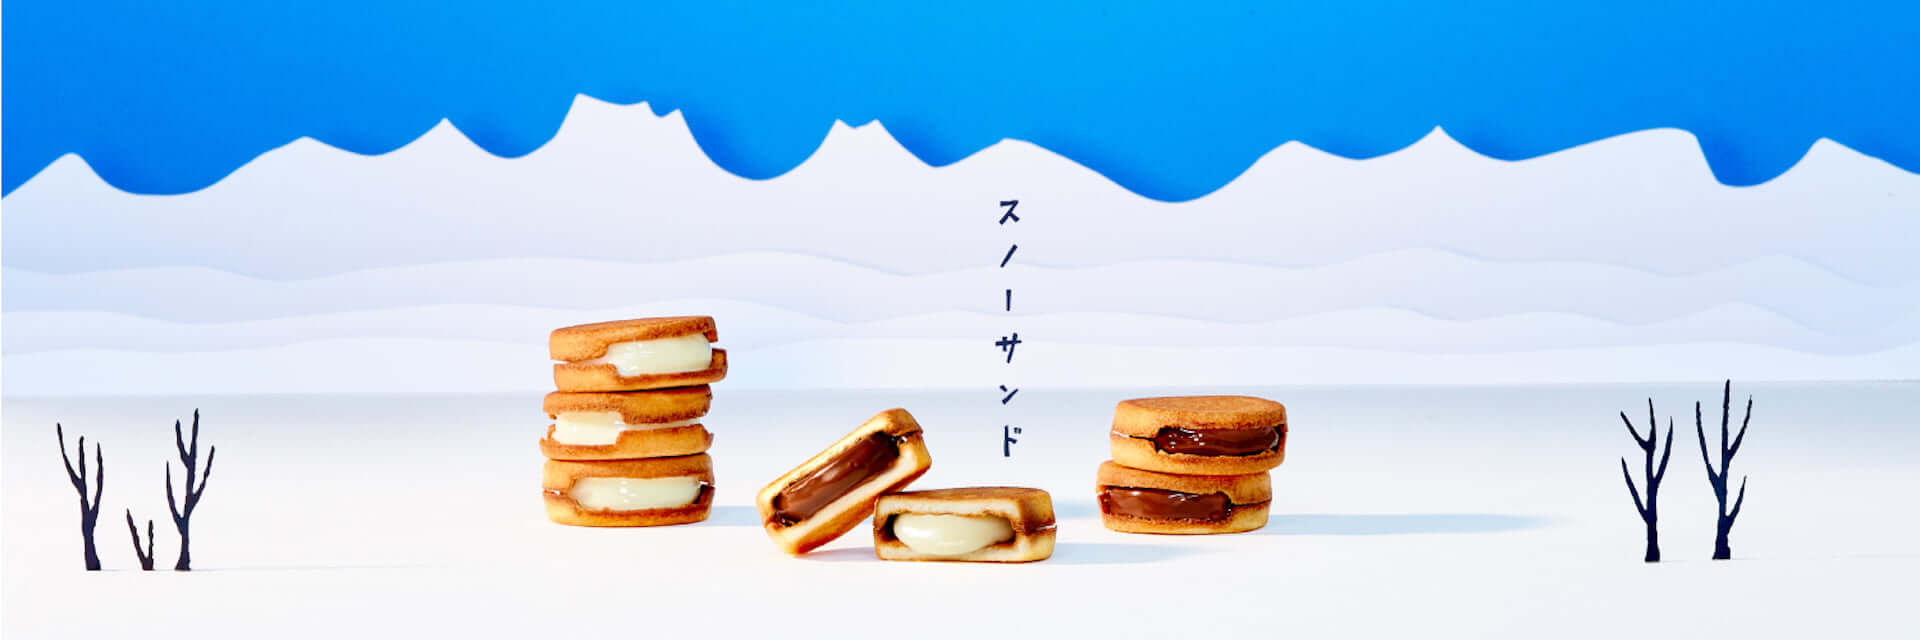 販売開始30分で完売した北海道の生チョコレートサンドクッキー『SNOW SAND』が冬季限定で発売中! gourmet210121_snowsand_2-1920x640